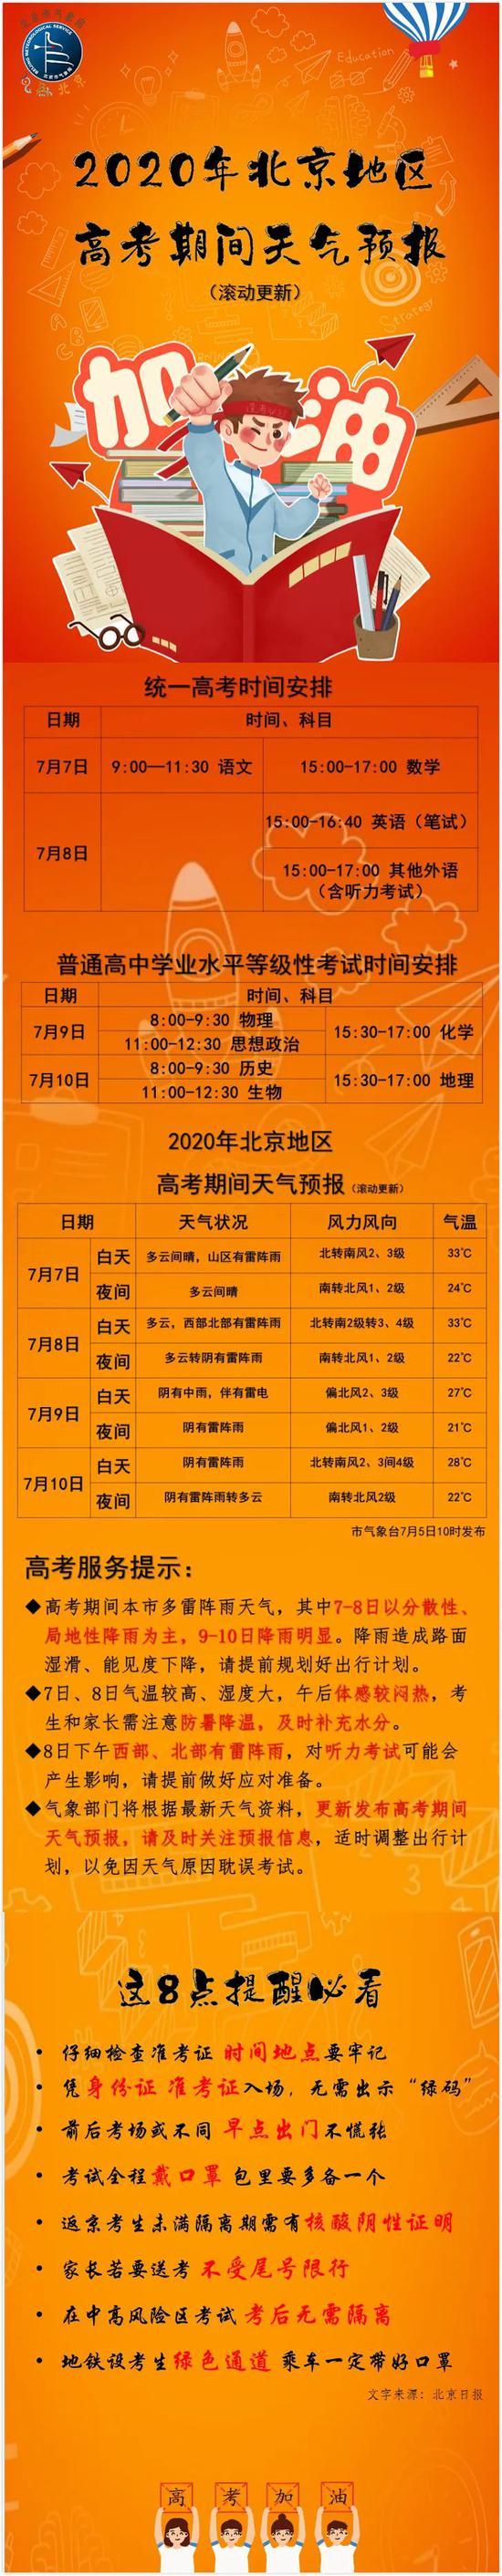 摩天注册:0摩天注册20年北京地区高考期图片